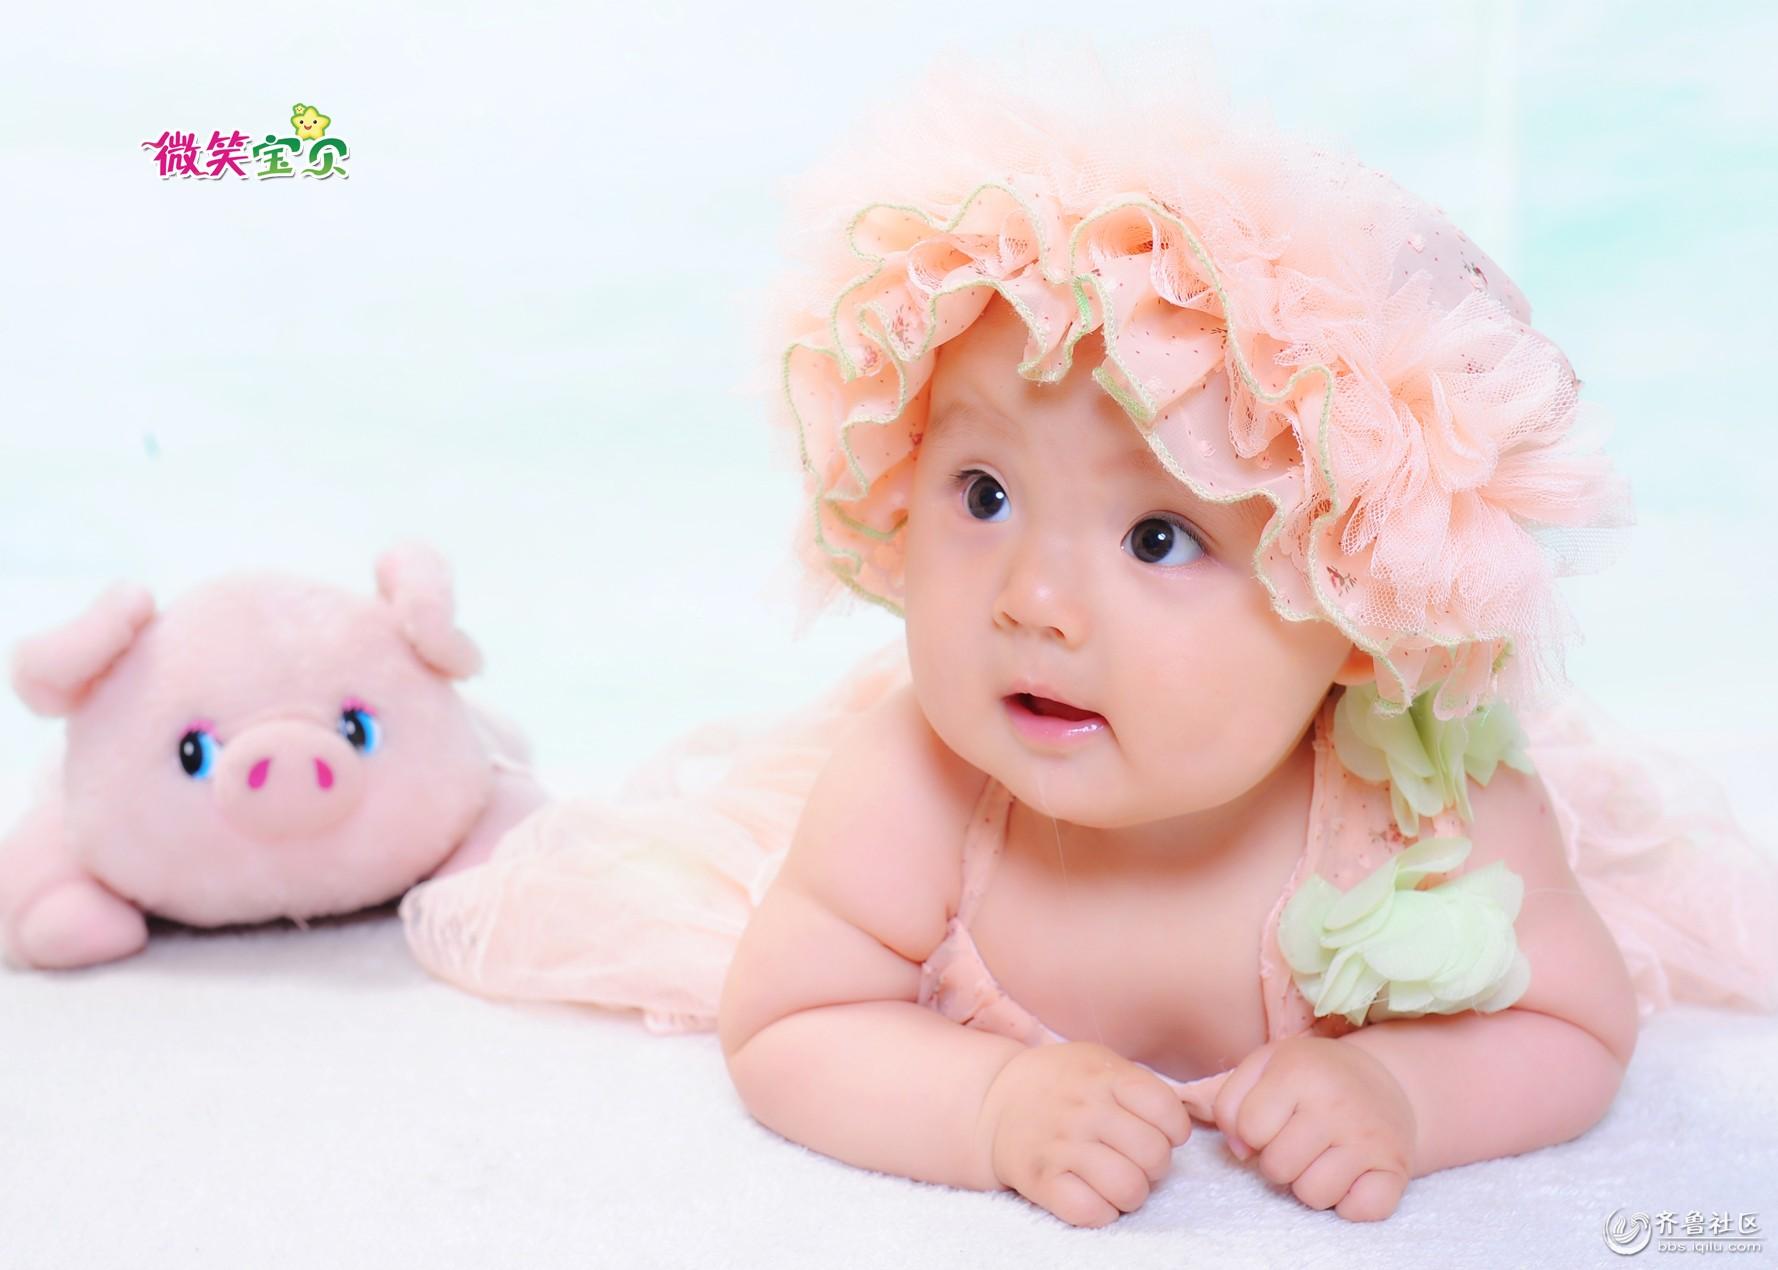 宝宝 壁纸 儿童 孩子 小孩 婴儿 1778_1270